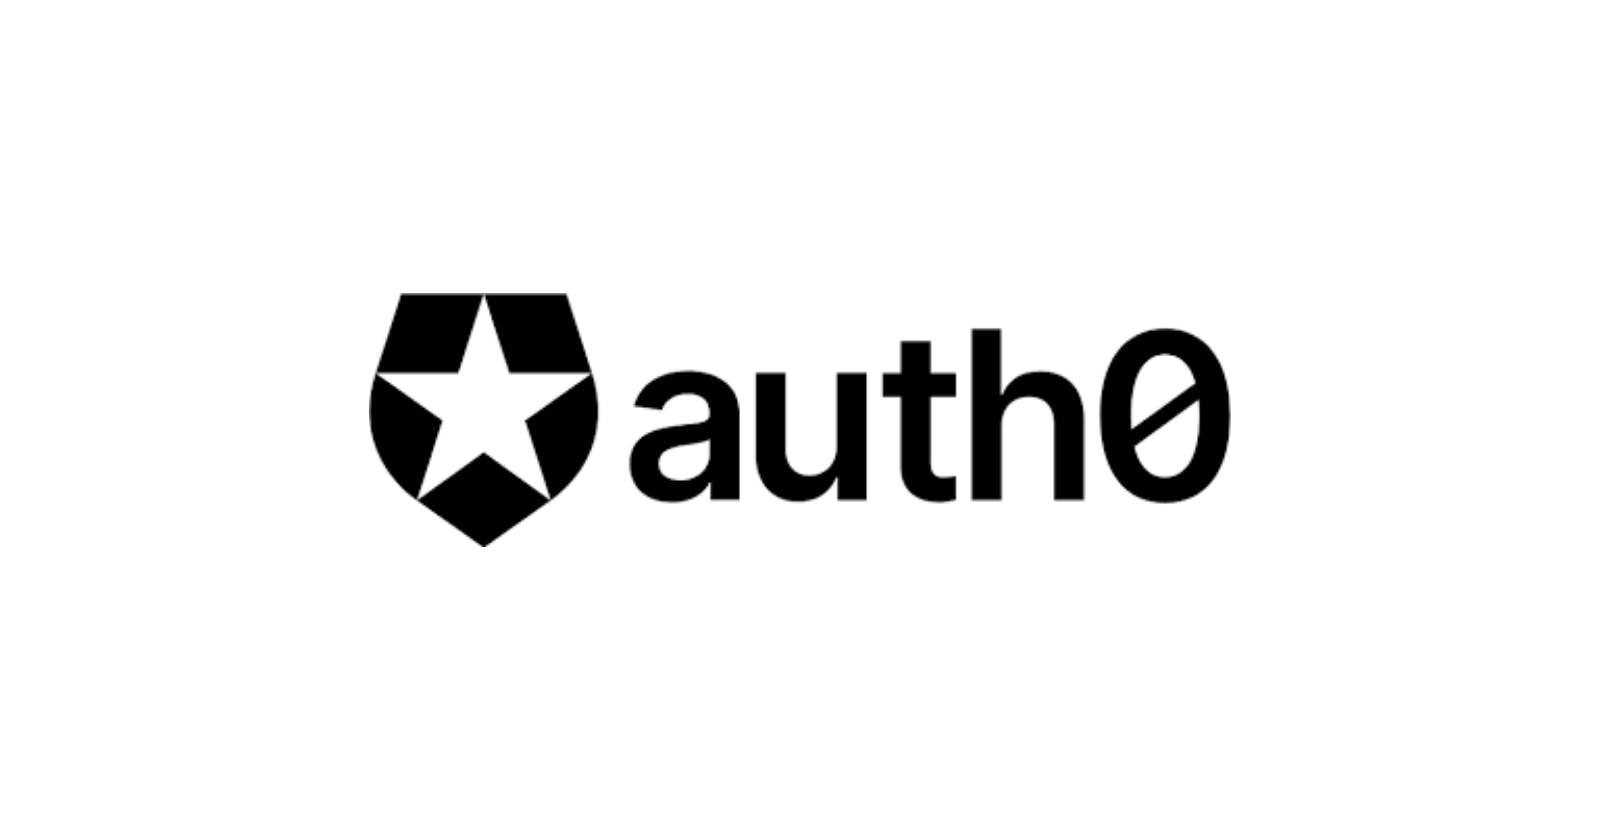 Auth0's logo